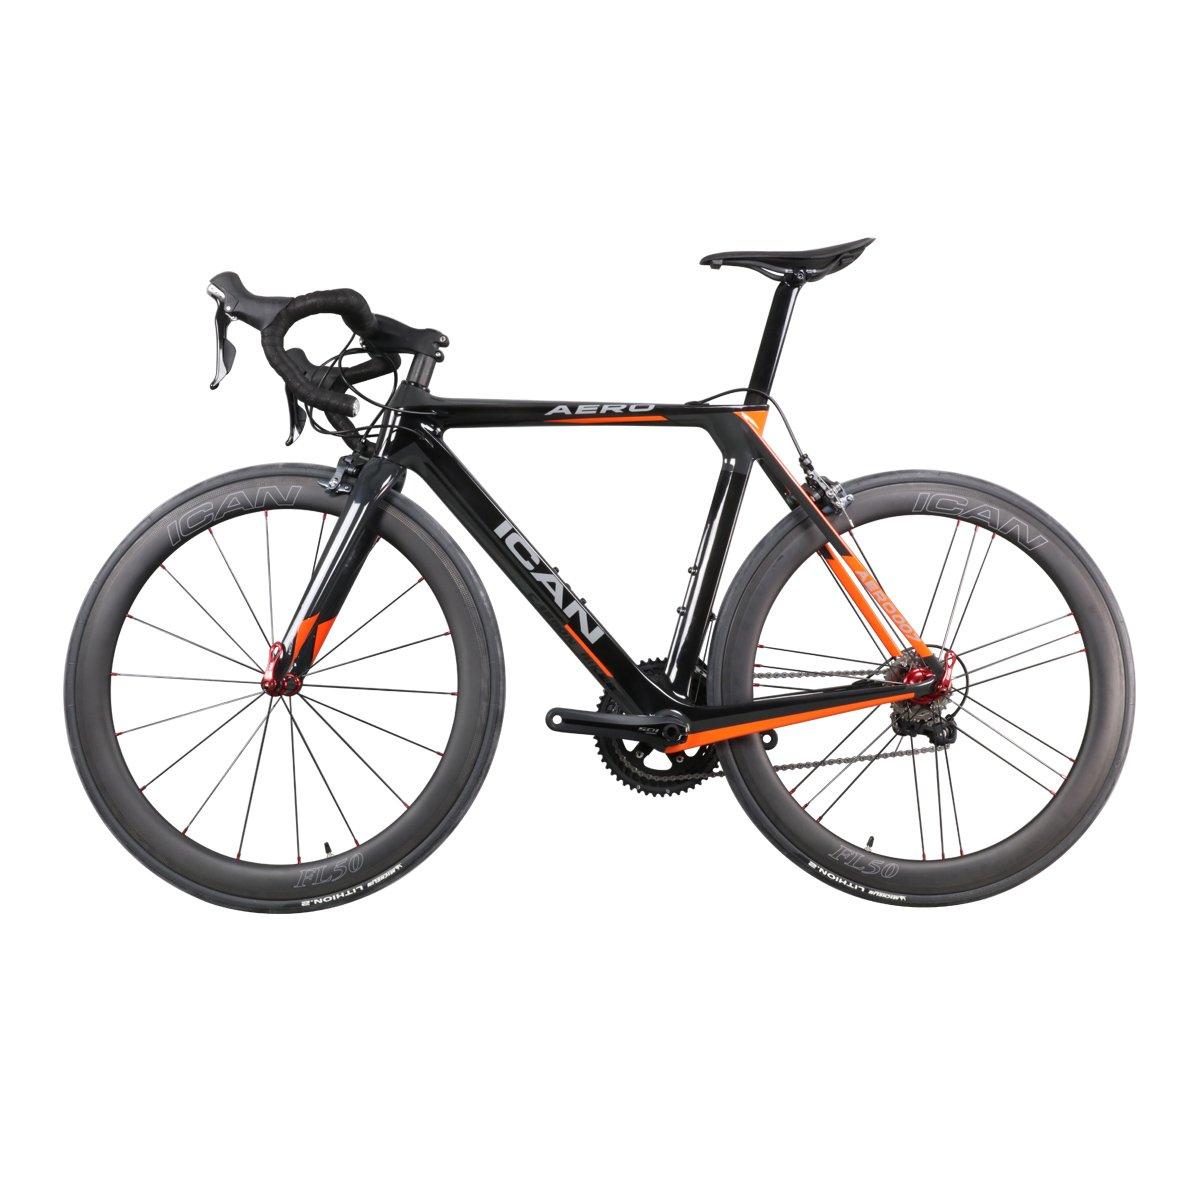 ICAN(アイカン) AERO007 カーボンロードバイク エアロモデル Shimano(シマノ) 105 (5800) グループを採用 Vブレーキ フレームサイズ:50/52/54/56/58cm 重量は約7.3㎏ B07DLB2LTV 50cm